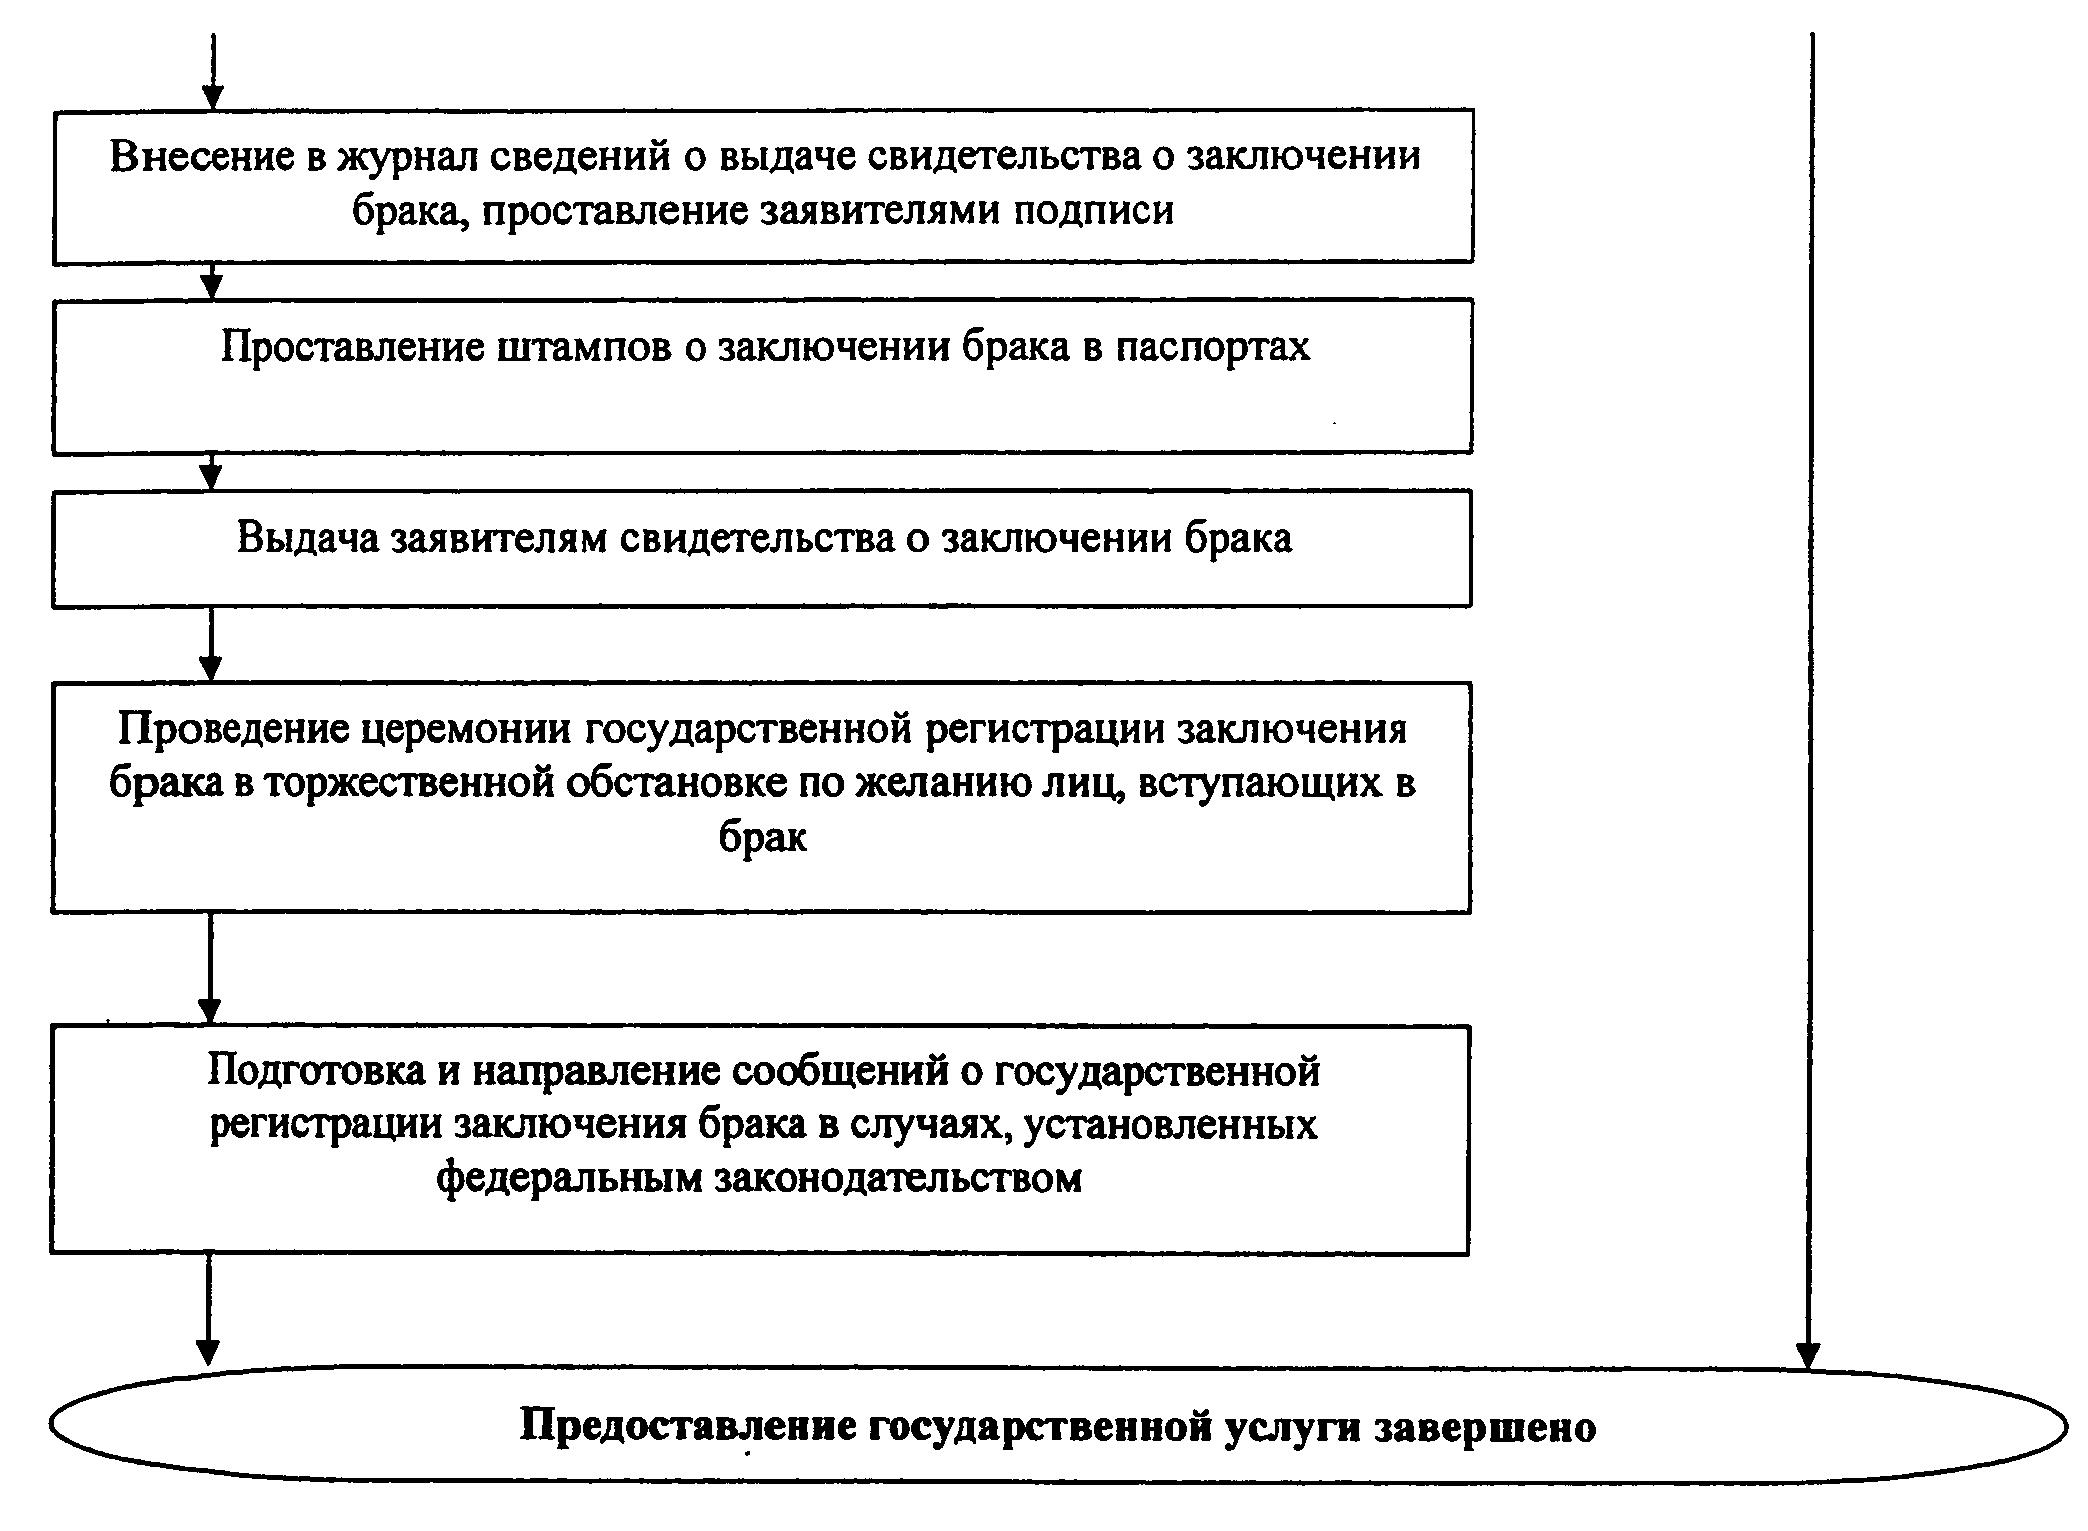 РИС. 4 К ПРИКАЗУ МИНЮСТА РФ ОТ 29.11.2011 N 412